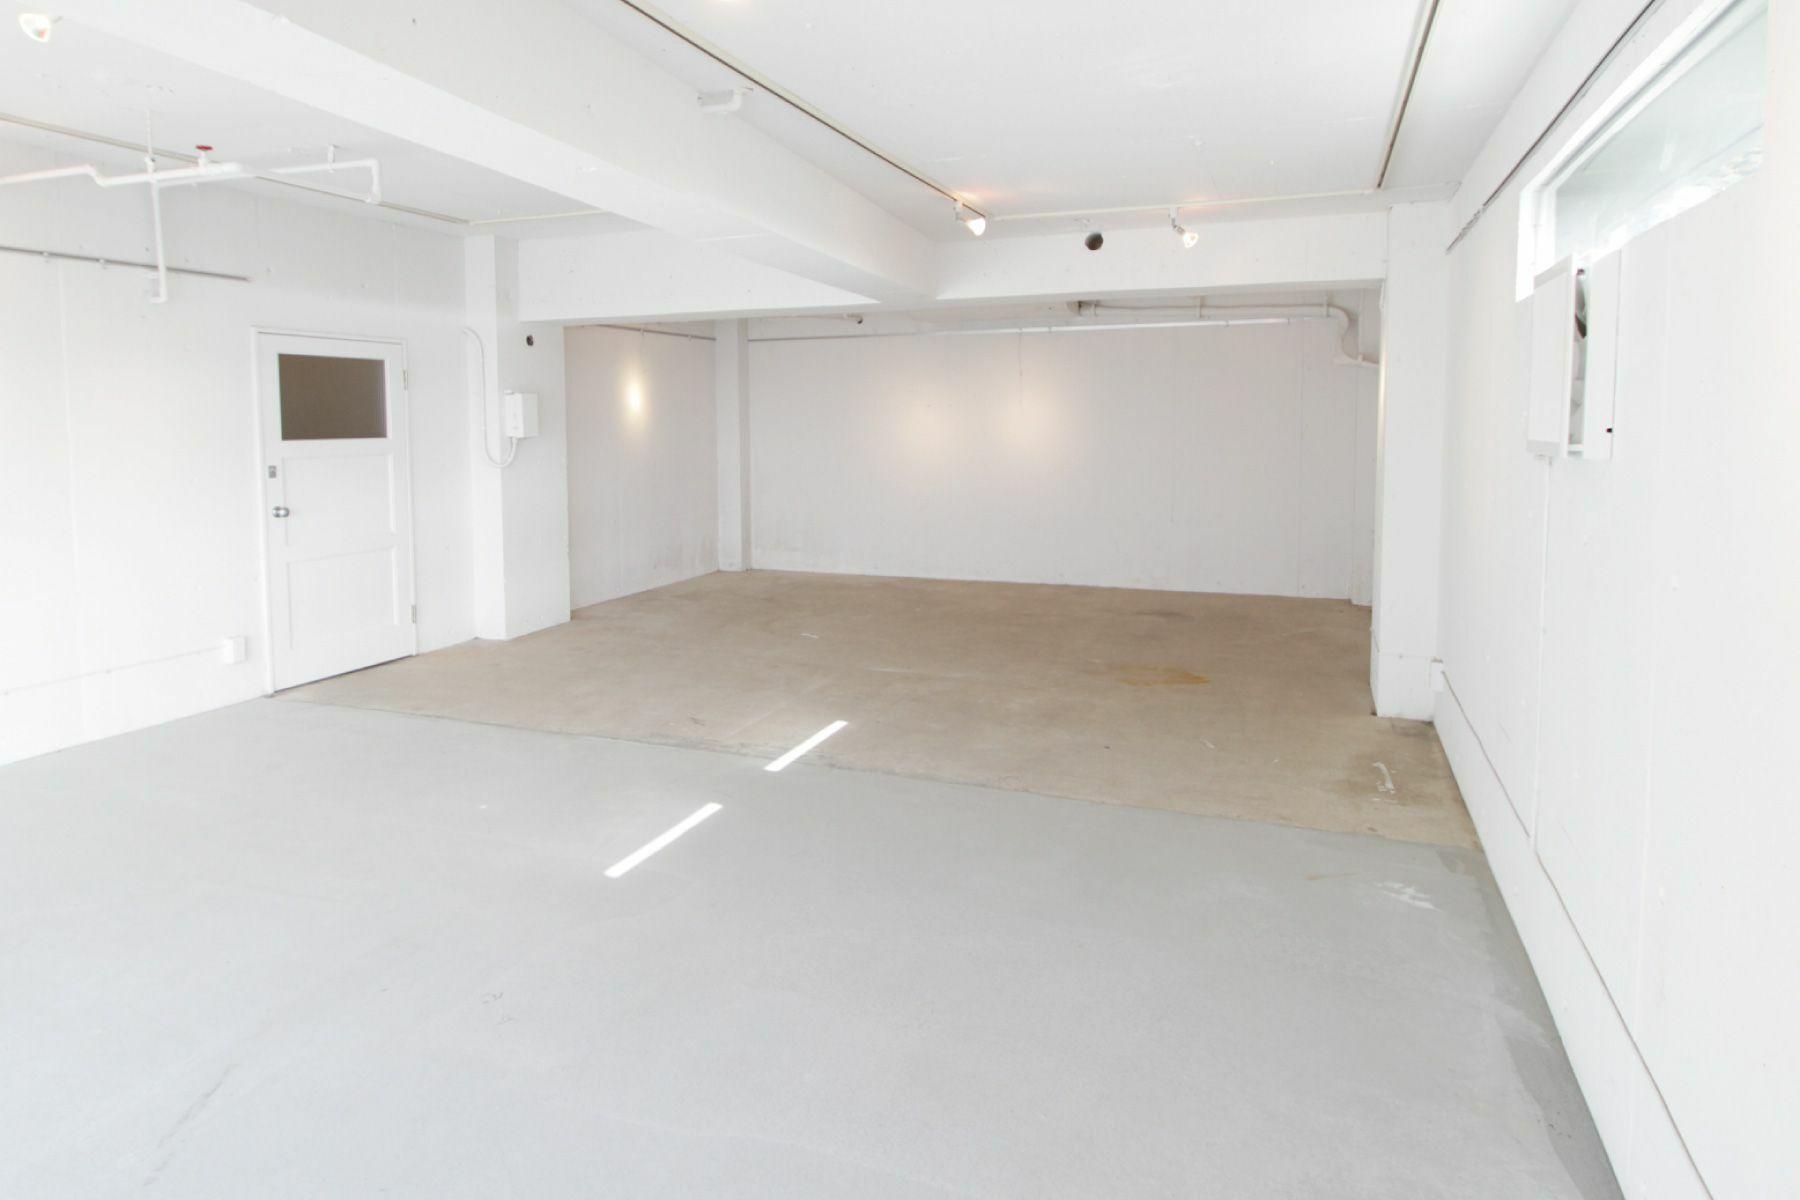 SIMPLE HOUSE (シンプル ハウス)1F モルタル床の空間